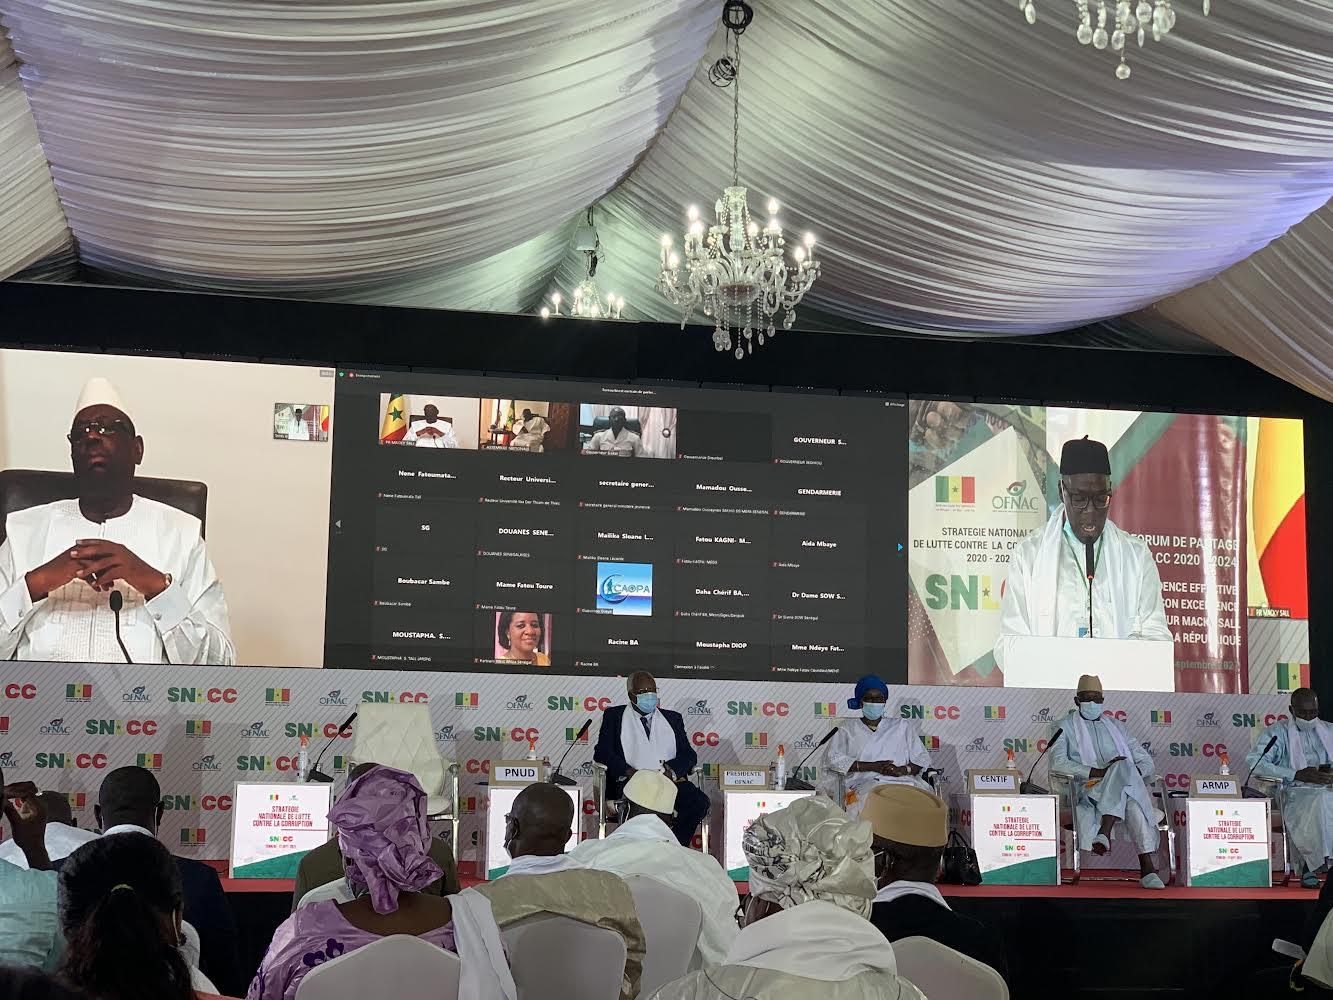 Lancement programme SNLCC :« la corruption est une pandémie dont ce programme peut apparaitre comme un vaccin» (Macky Sall)